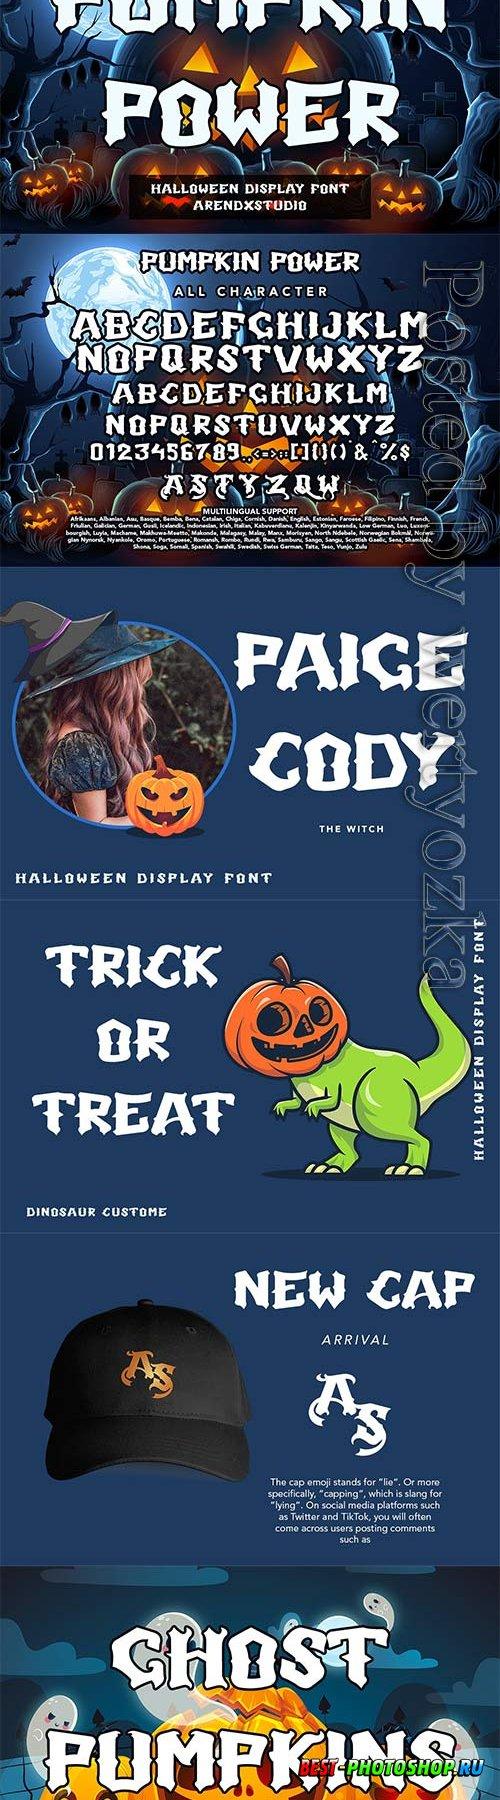 Pumpkin Power - Halloween Display Font